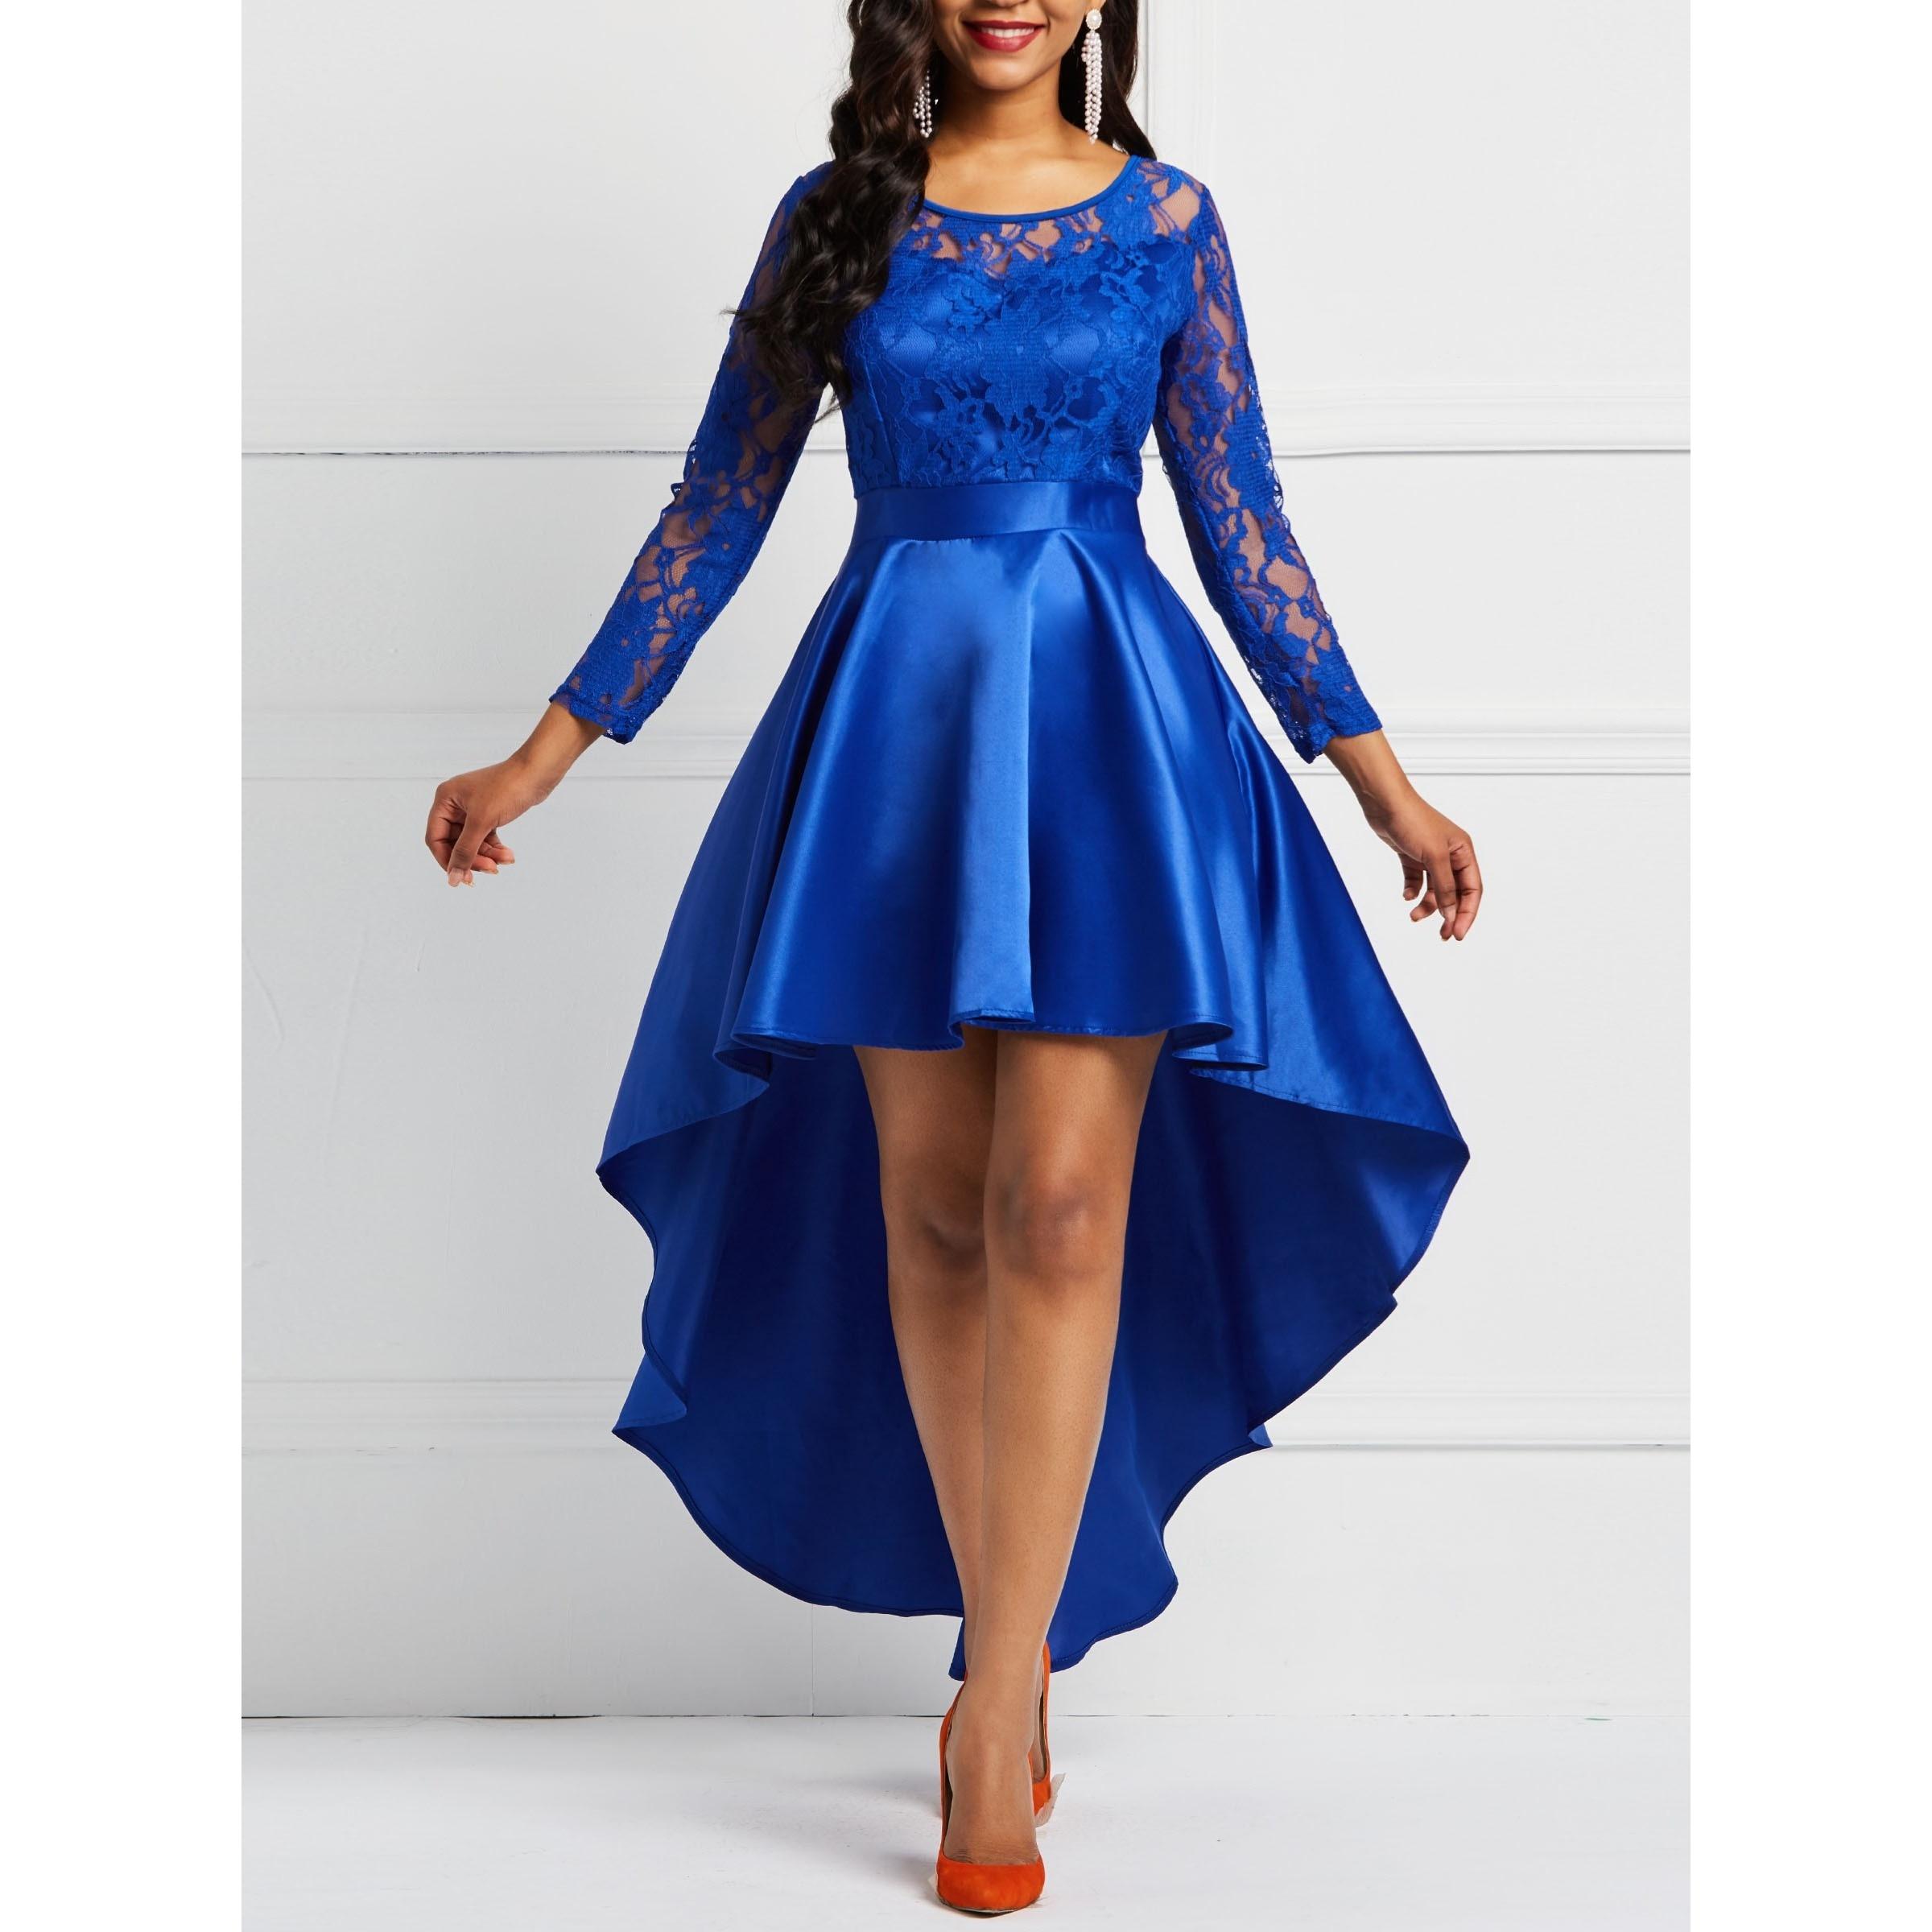 Кружевное платье Для женщин Асимметричная длинная окантован оборкой синий элегантные модные однотонные осенние вечерние женские прозрачн...